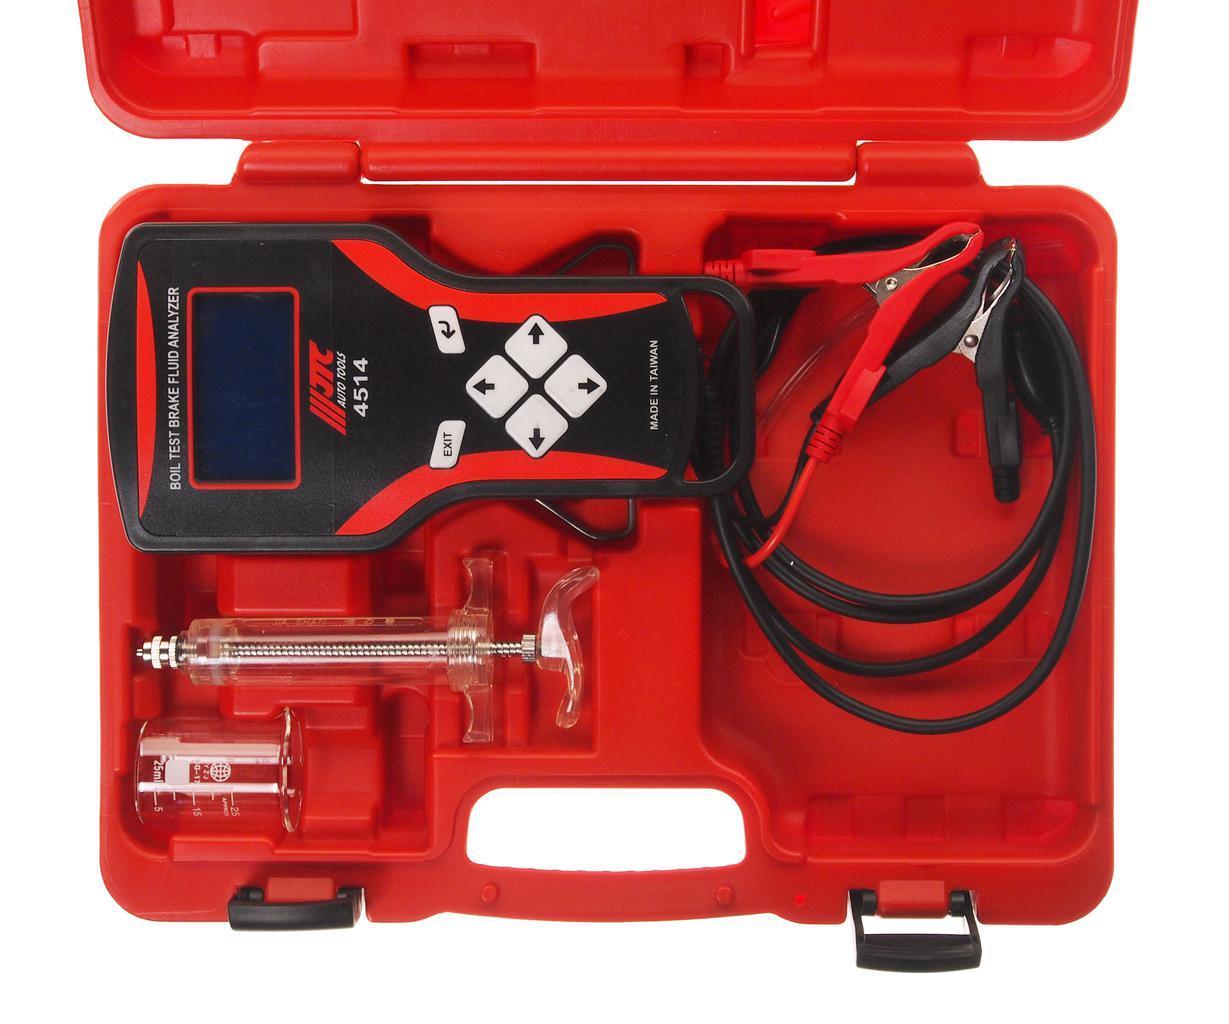 Тестер Jtc Jtc-4514 тестер вакуумного и топливного насосов jtc профессиональный jtc 1622